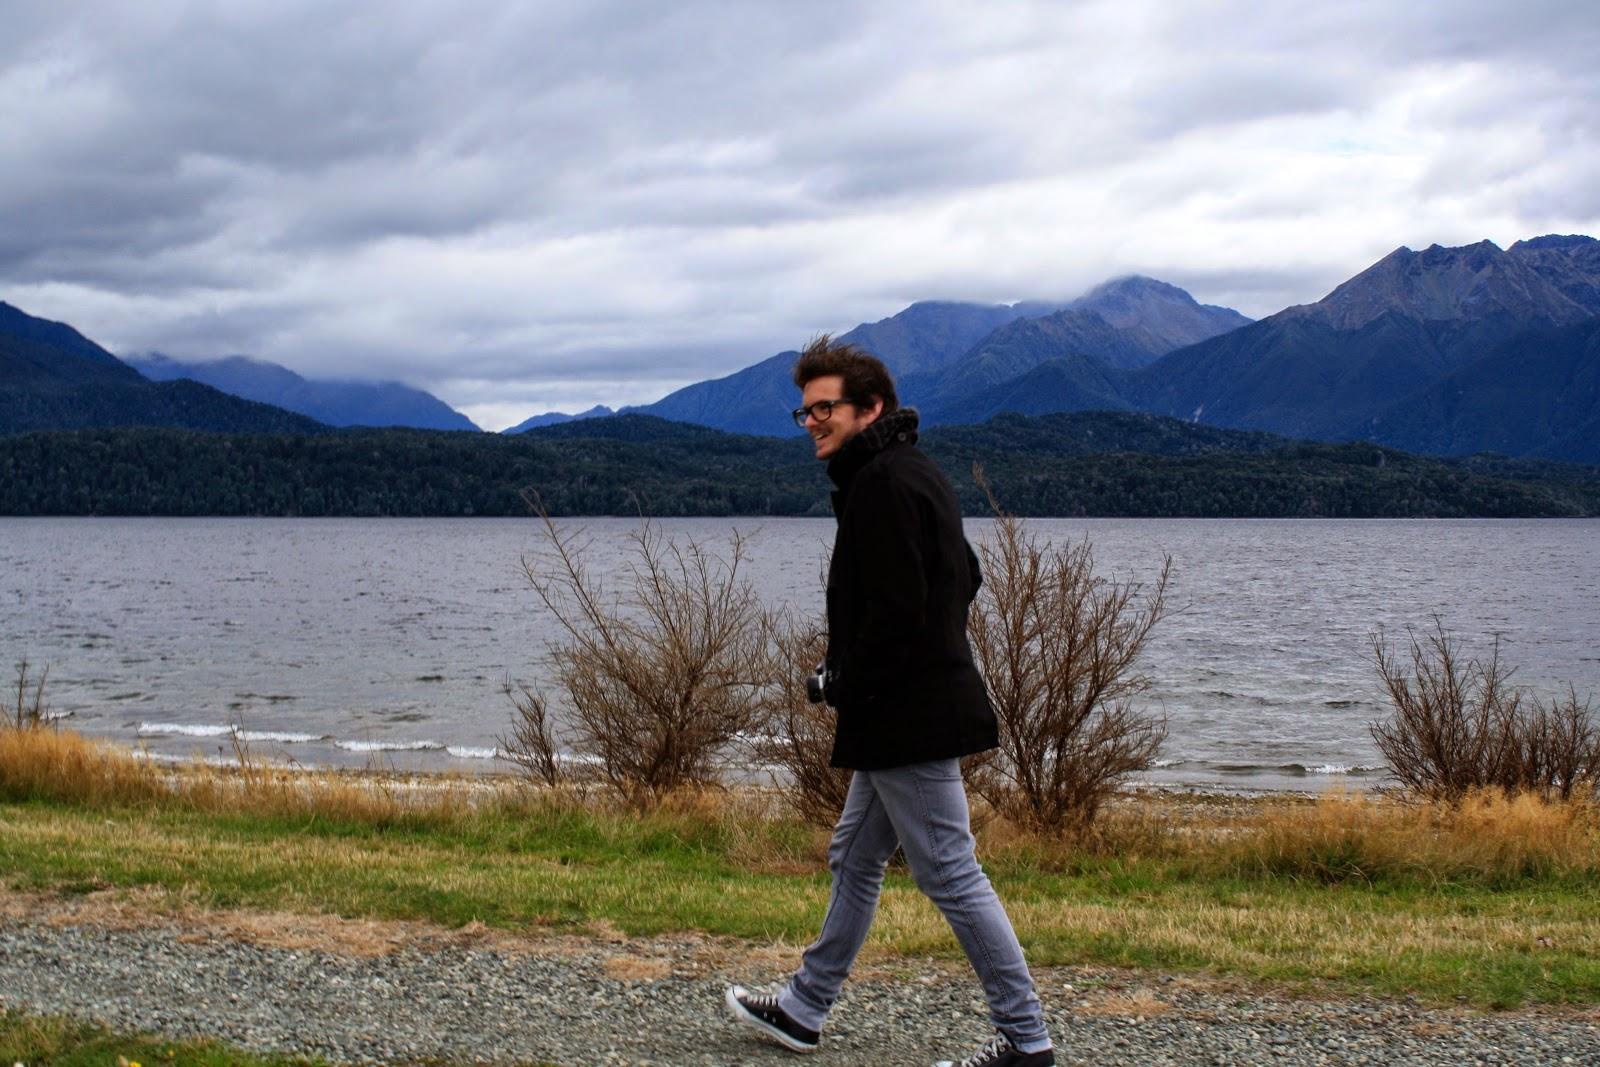 Going for a walk around Lake Te Anau.